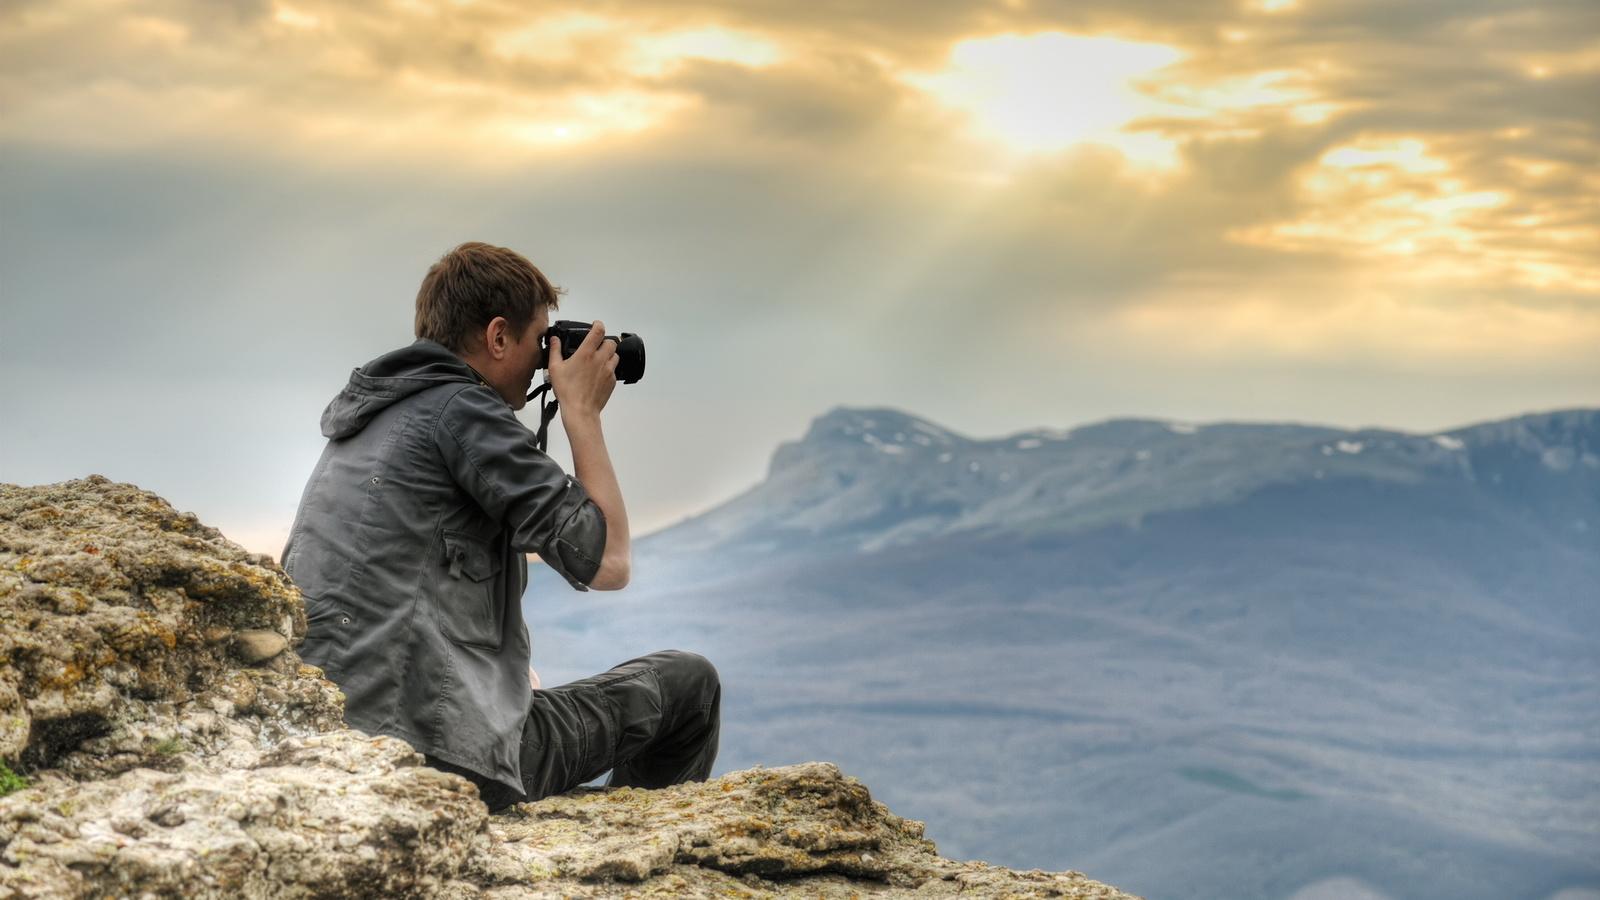 ополченцам более требования к сюжету фото на фотостоках своей